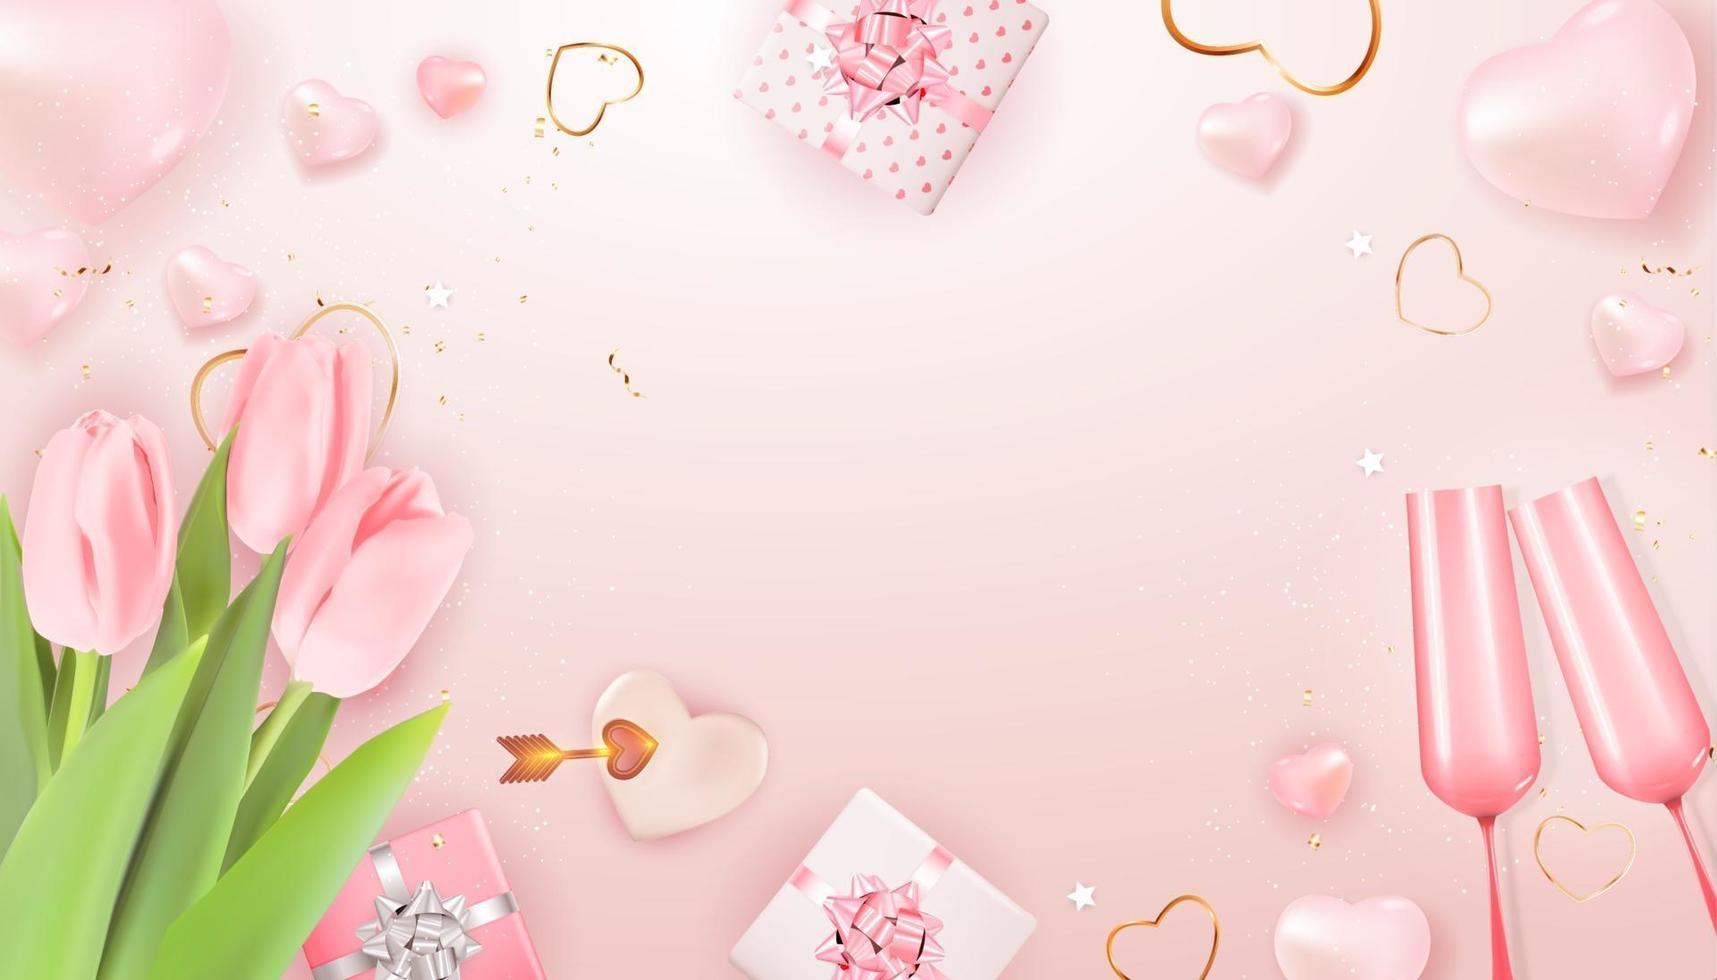 modello di spazio copia carta regalo vacanza di San Valentino su sfondo rosa vettore